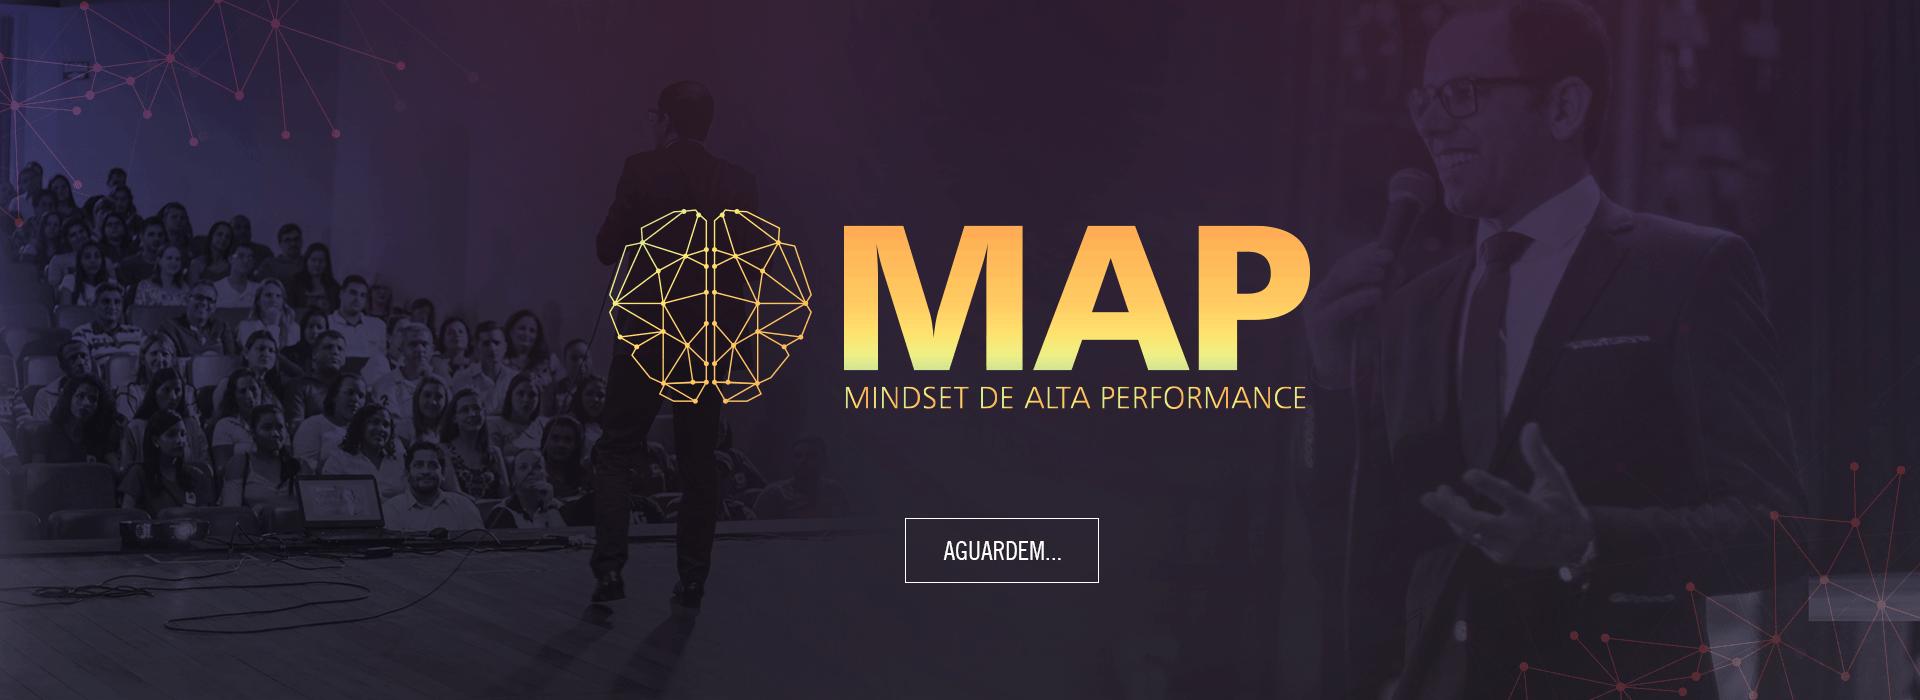 Por que fazer o MAP?